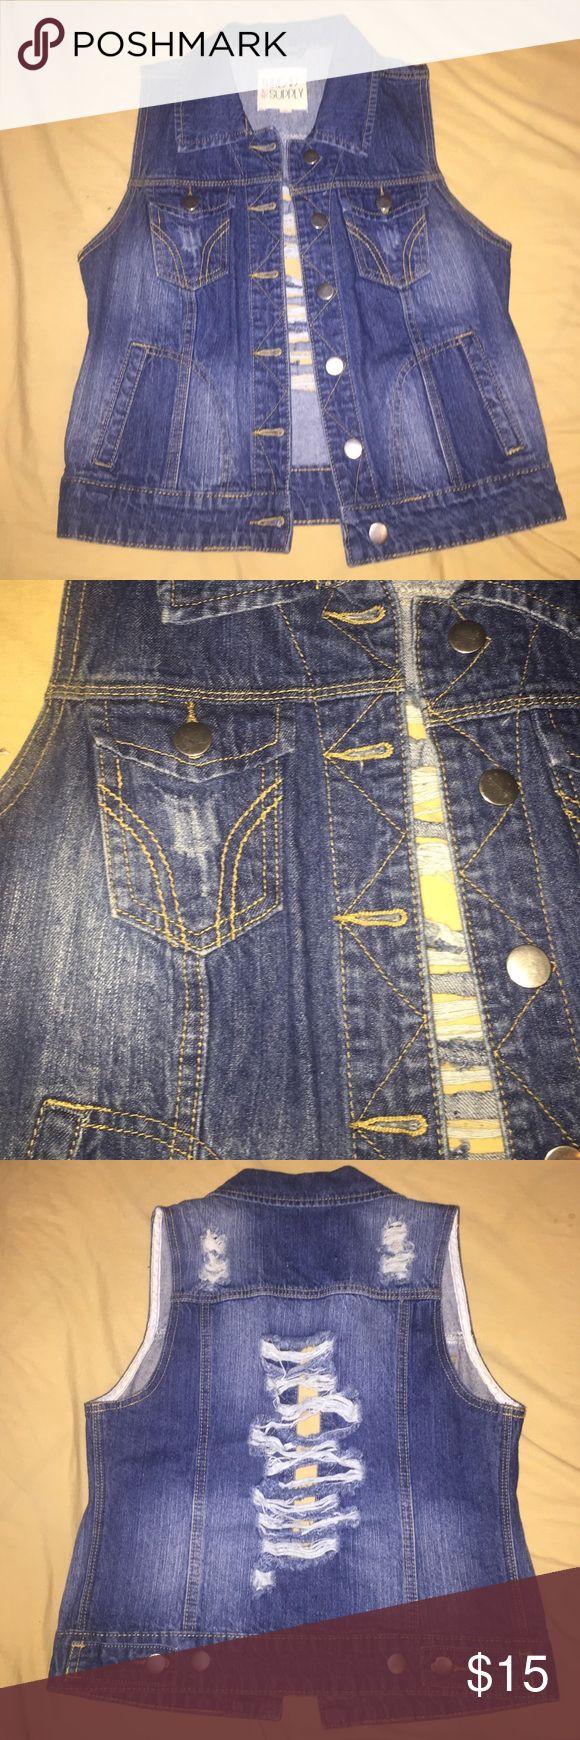 Short sleeve jean jacket Short sleeve Jean jacket Jackets & Coats Jean Jackets